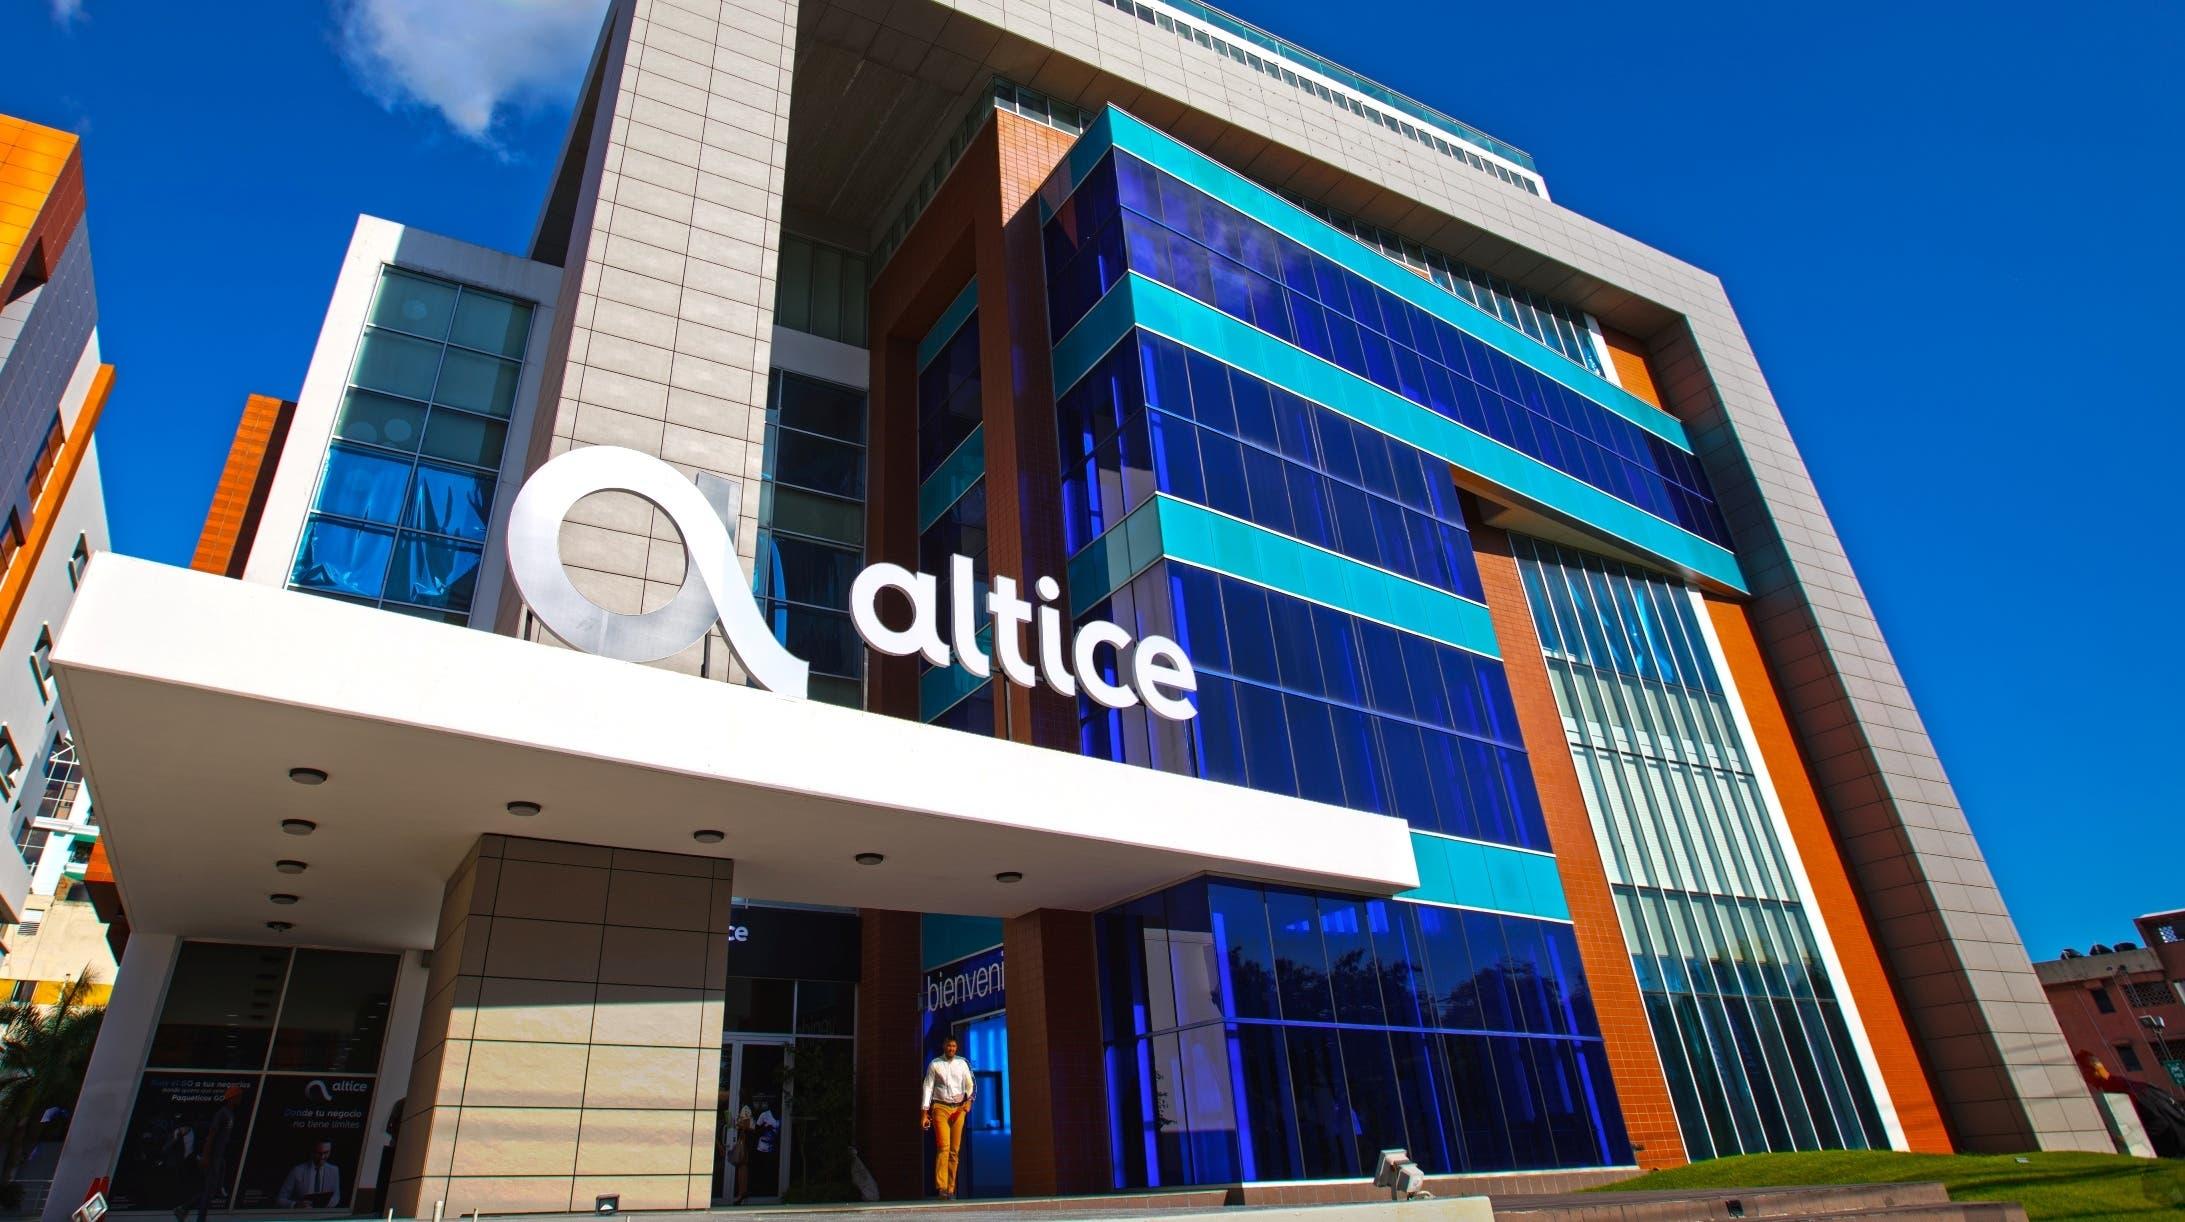 La telefónica Altice Dominicana acordó vender todassus torres de antenas de telecomunicaciones en el país.